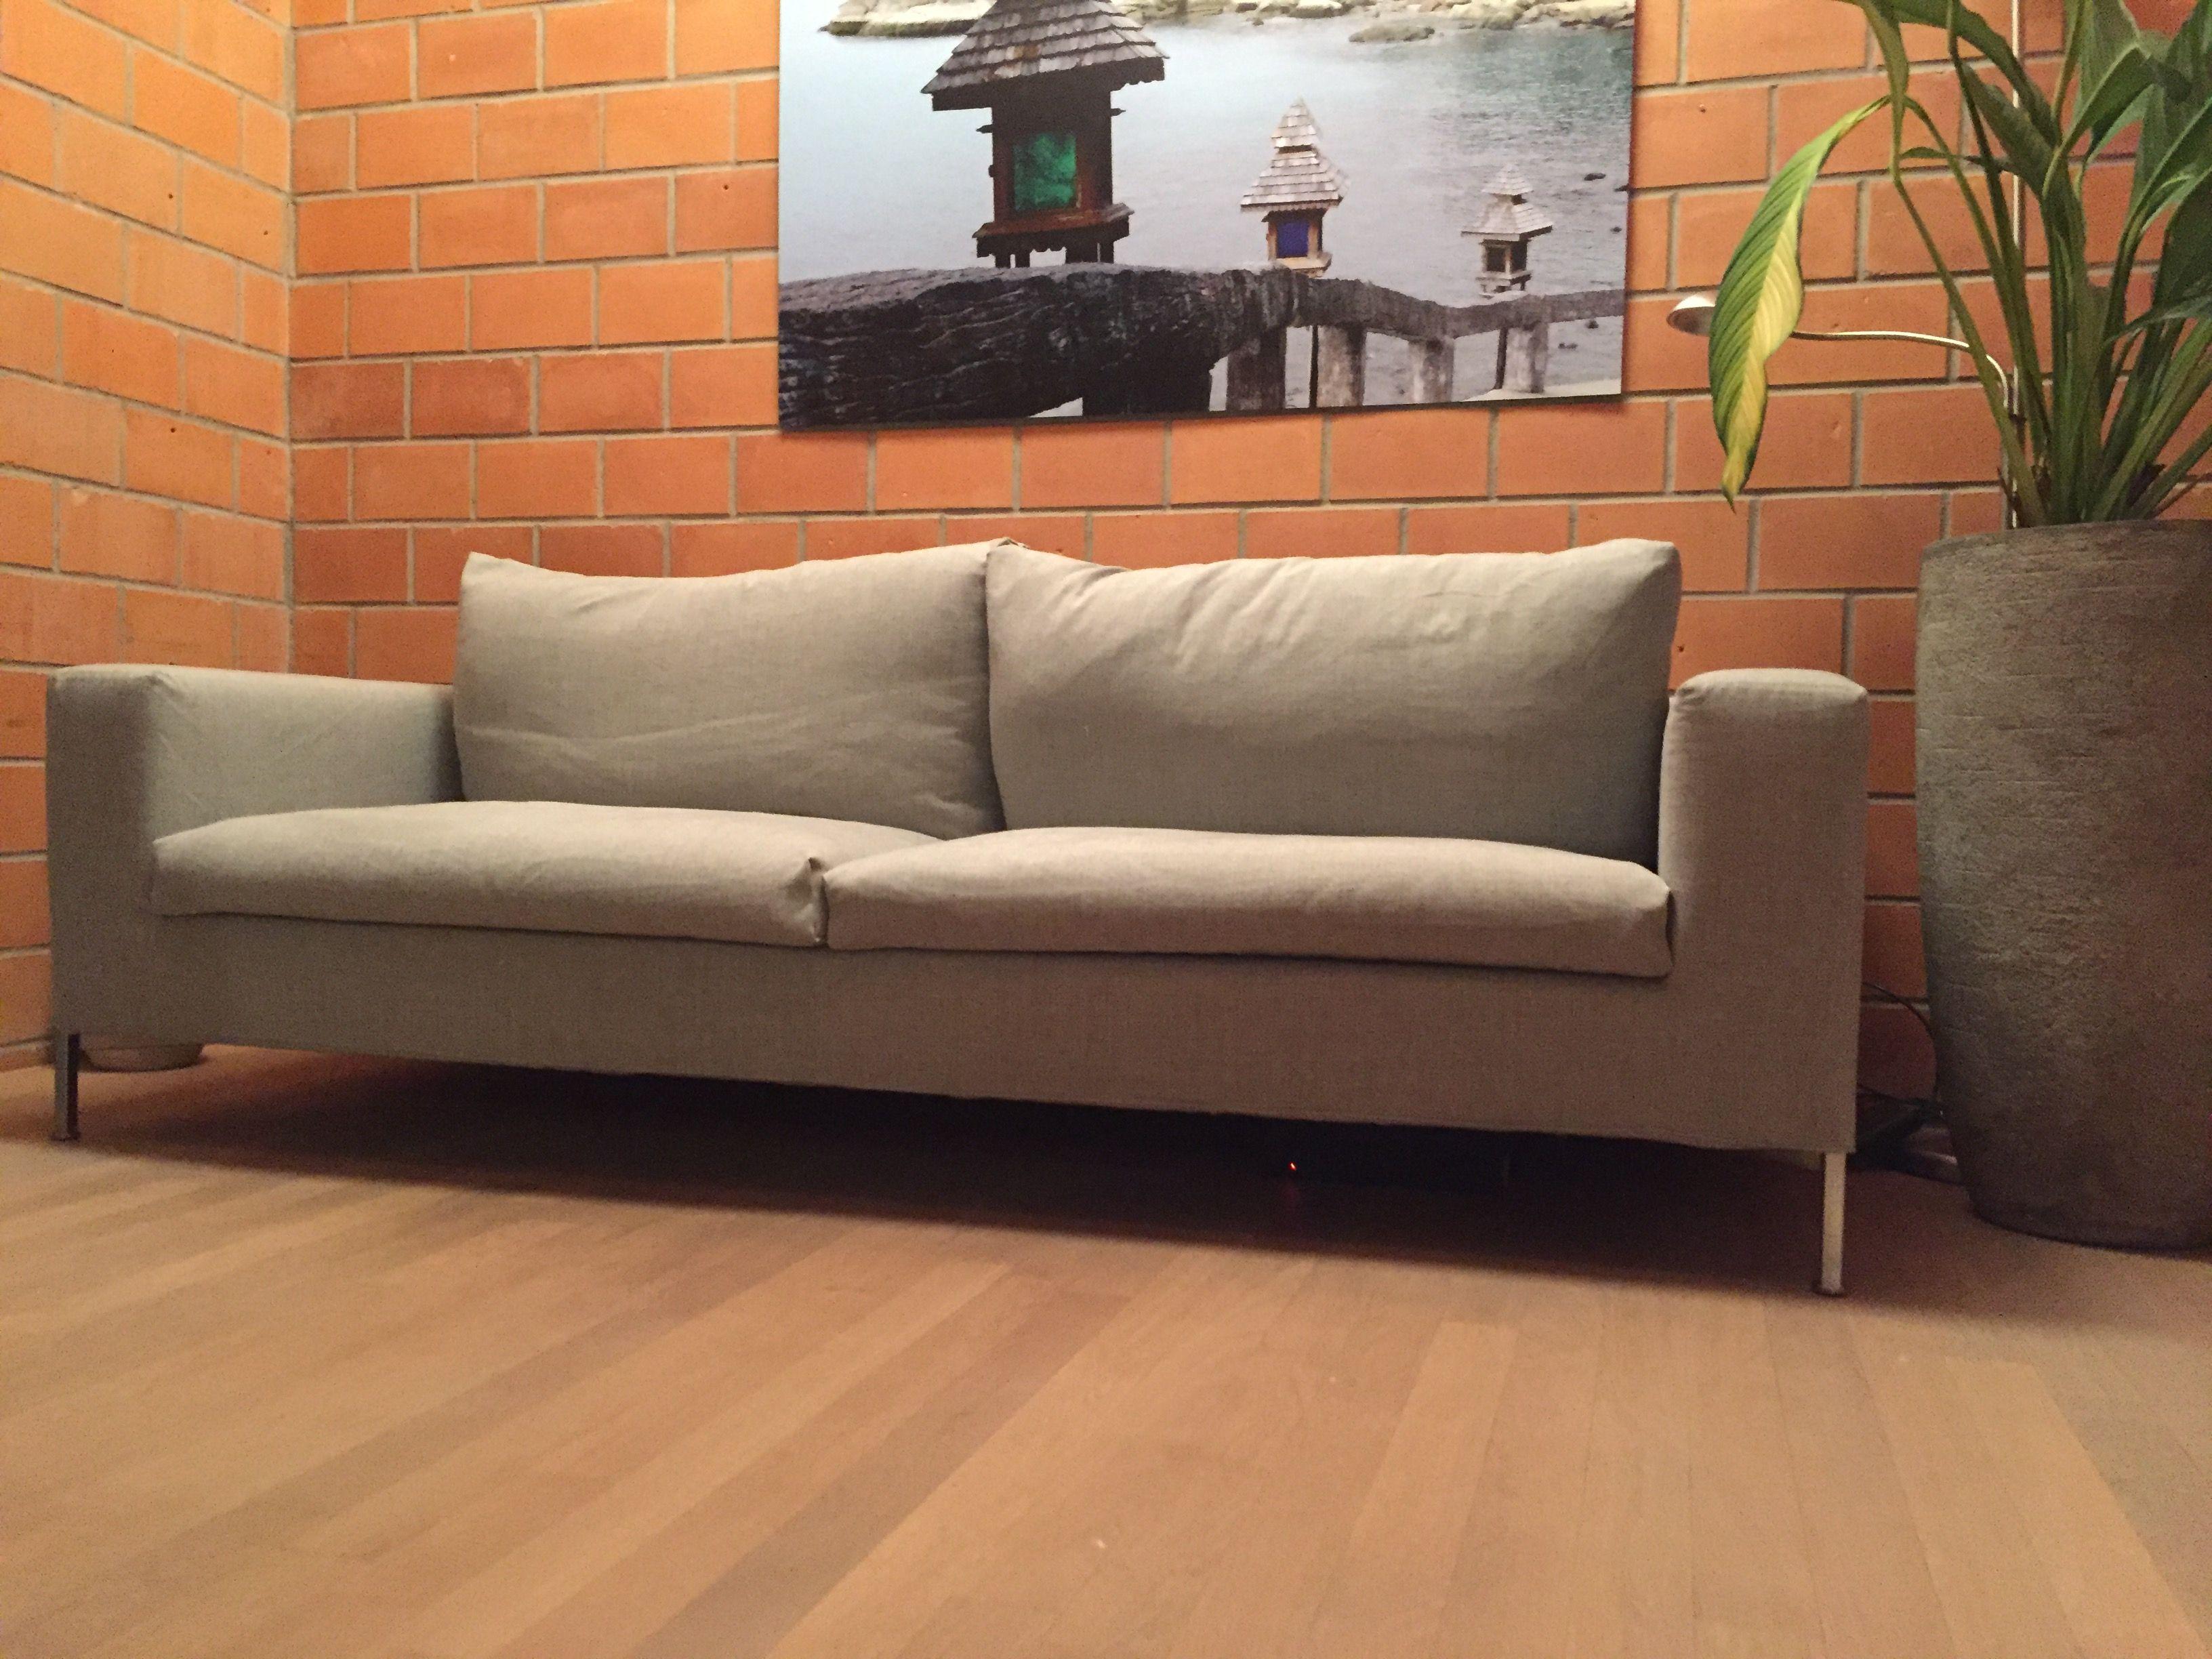 Living Divani Box Sofa neuer Stoff Bezug wohnideeluzern